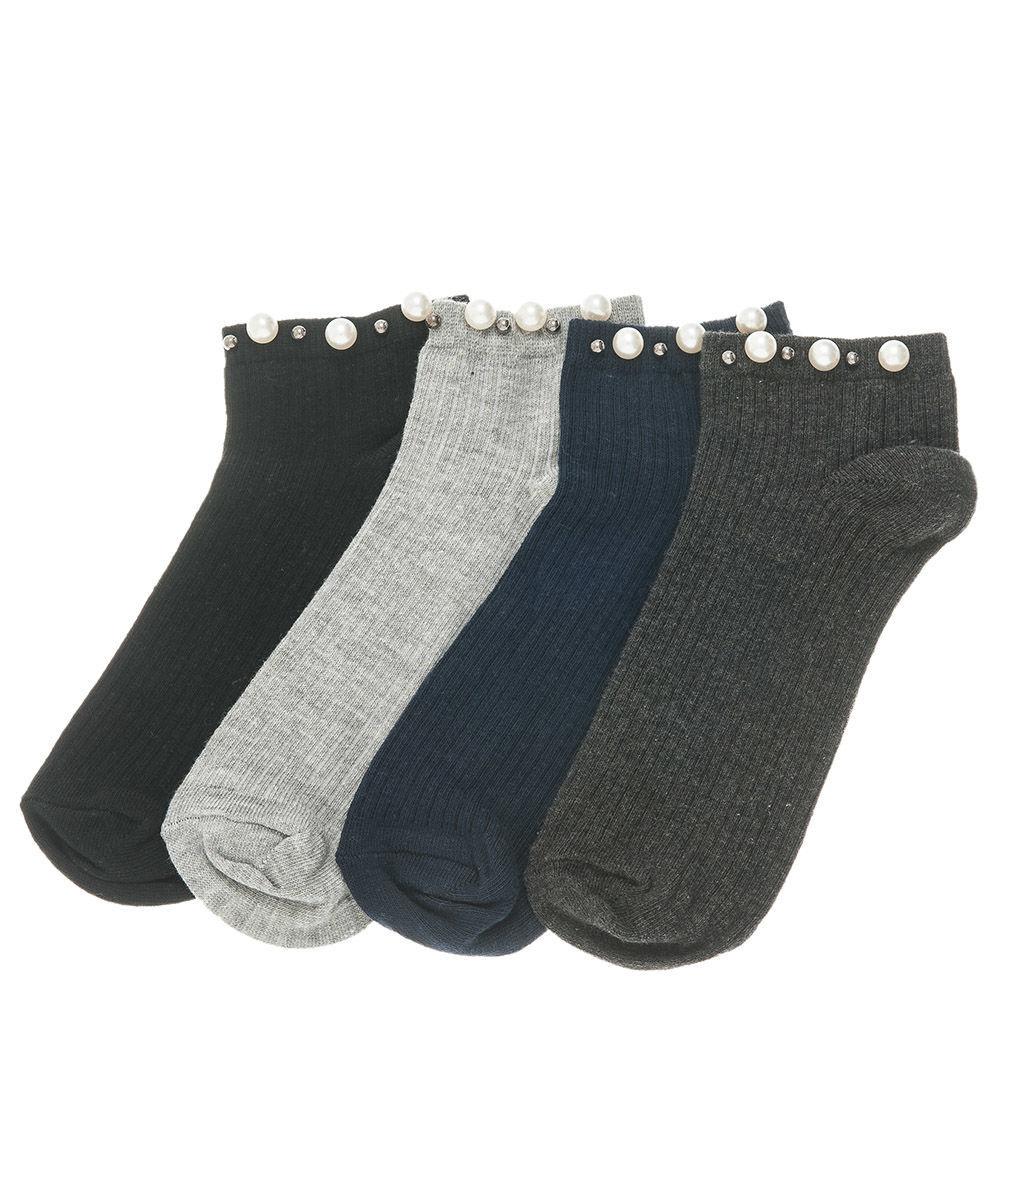 Γυναικεία ημίκοντη κάλτσα με πέρλες eb54a8d3f33